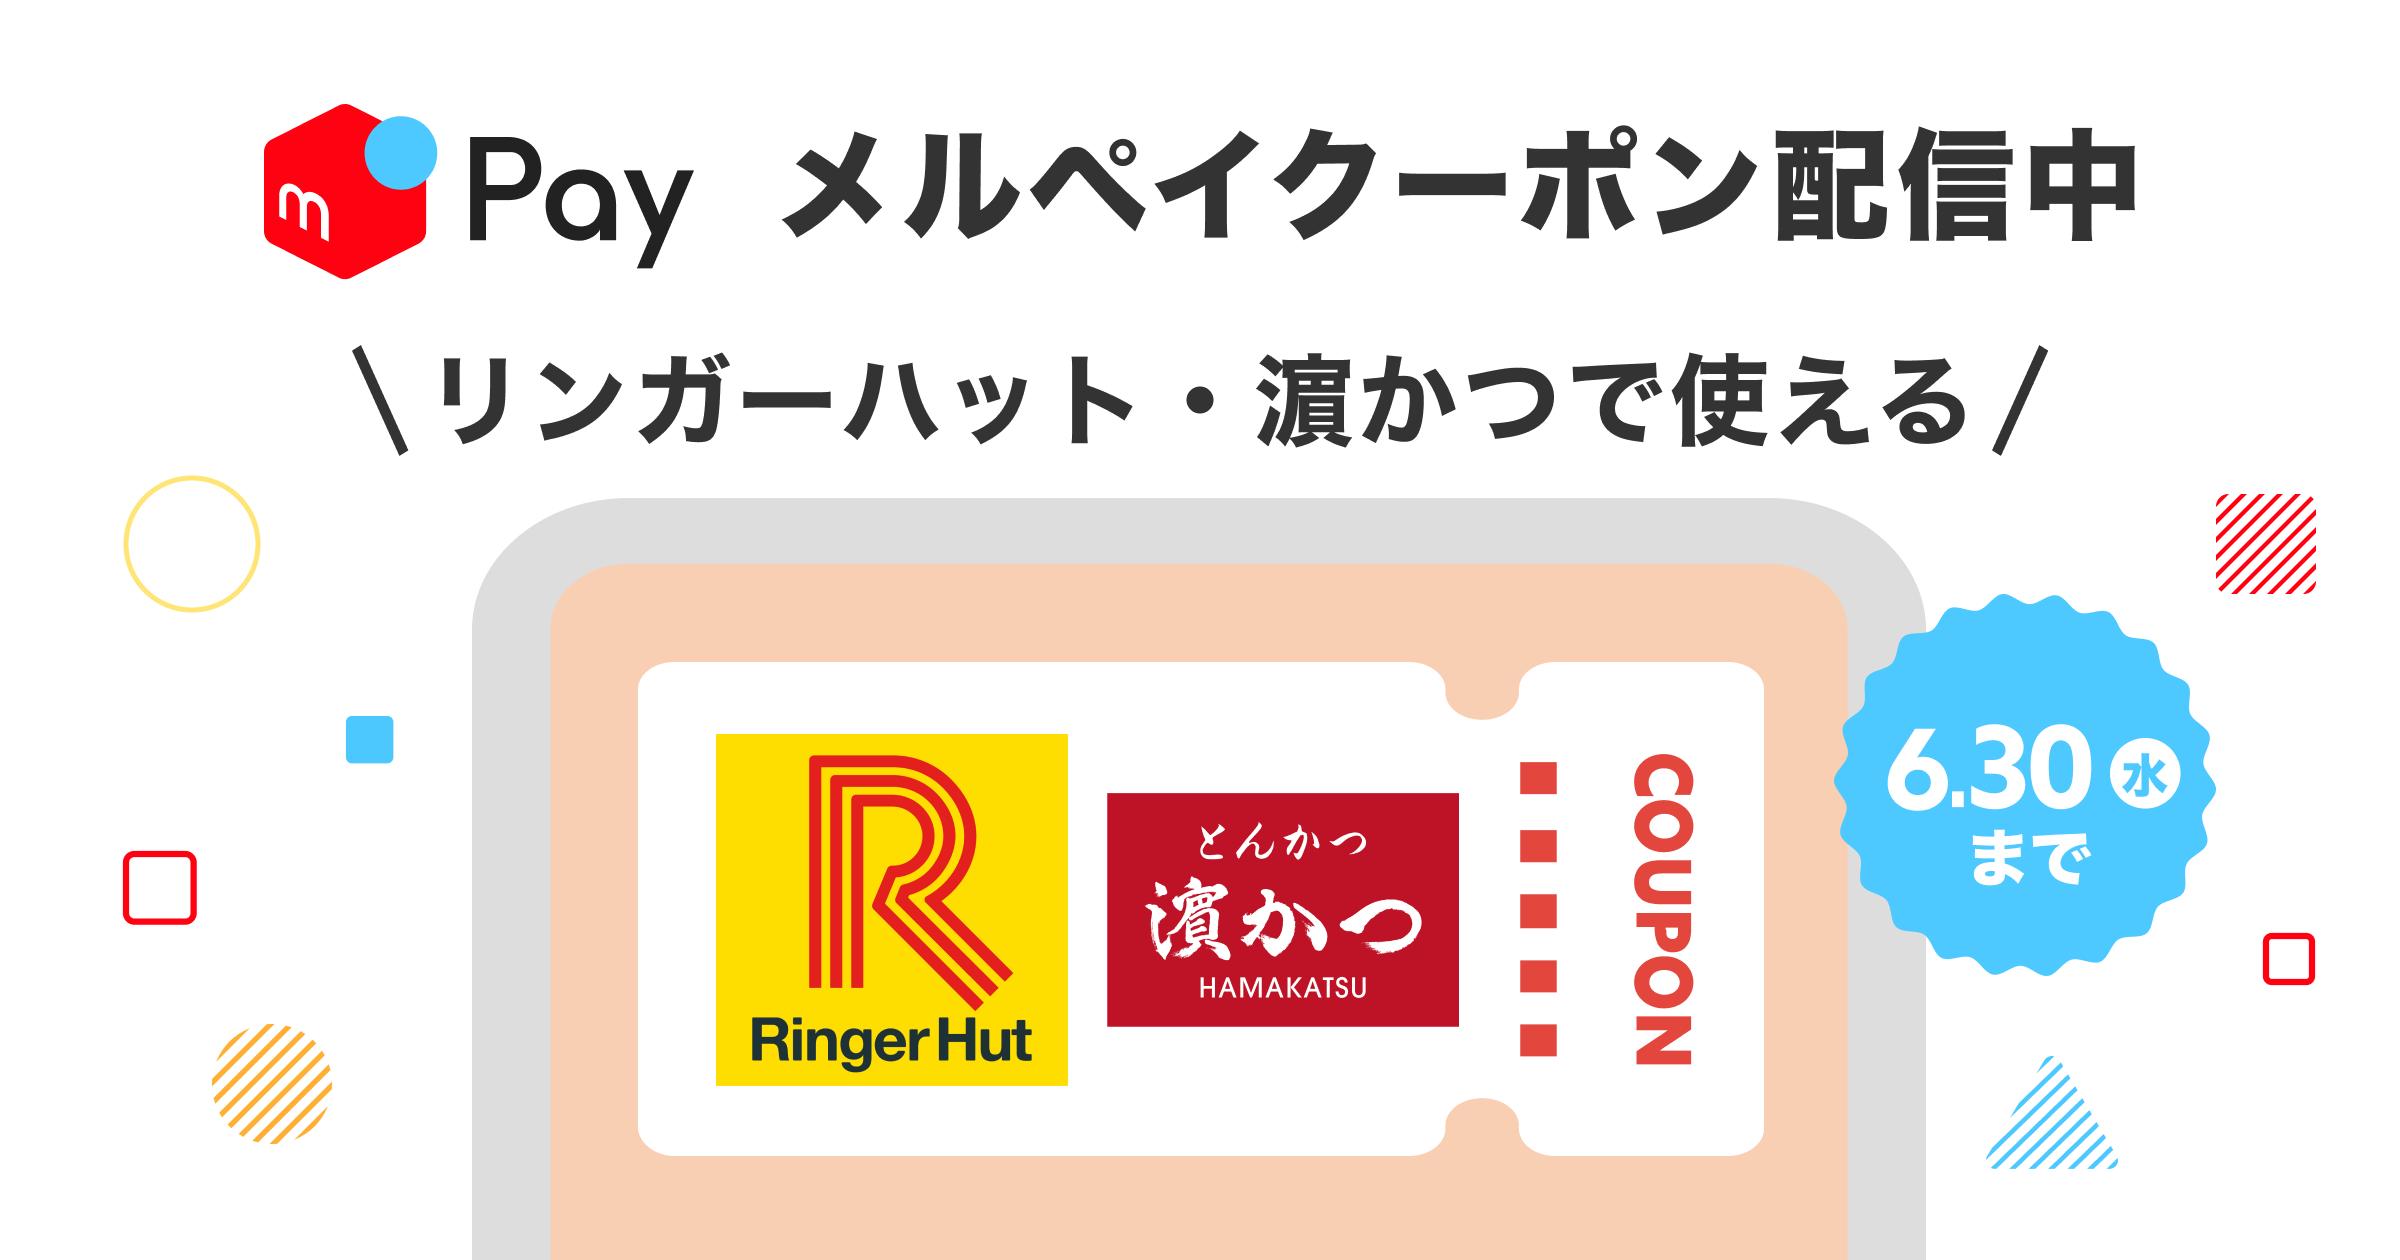 【6/17~6/30】リンガーハット・濵かつ店舗で使える P200還元クーポン配信中!